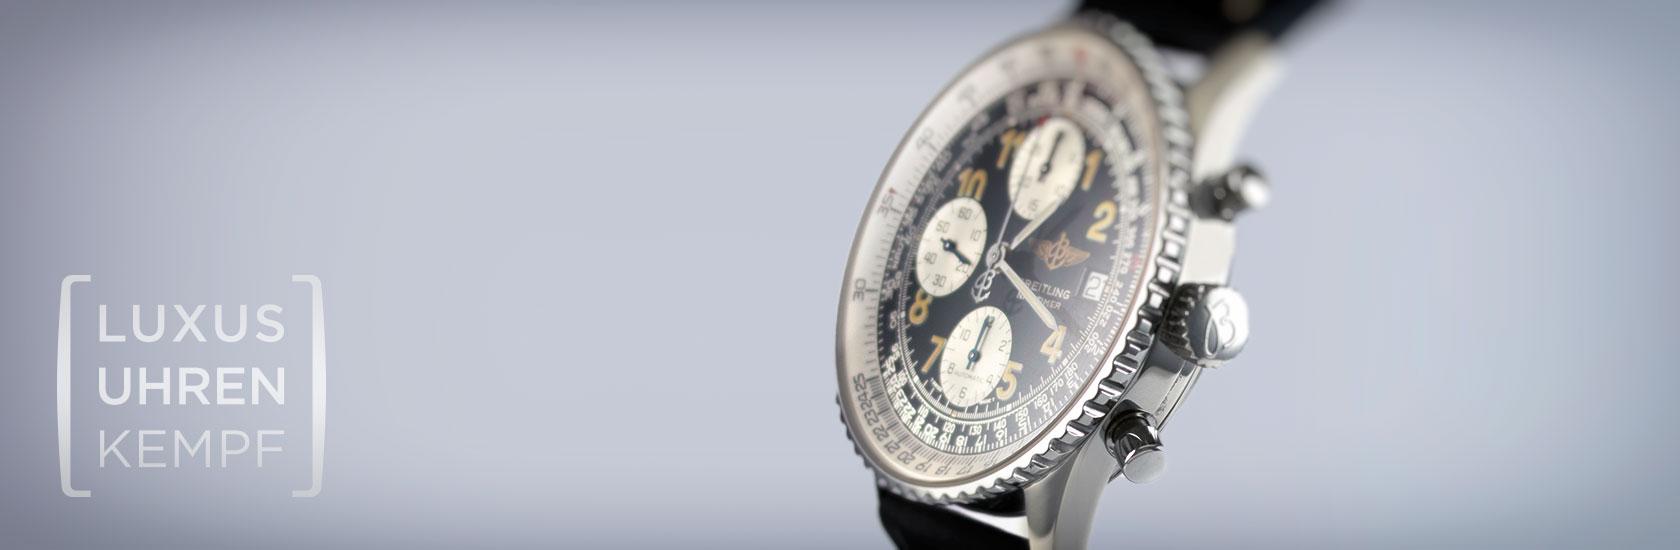 Luxusuhren Kempf - Ankauf von gebrauchten Breitling Uhren